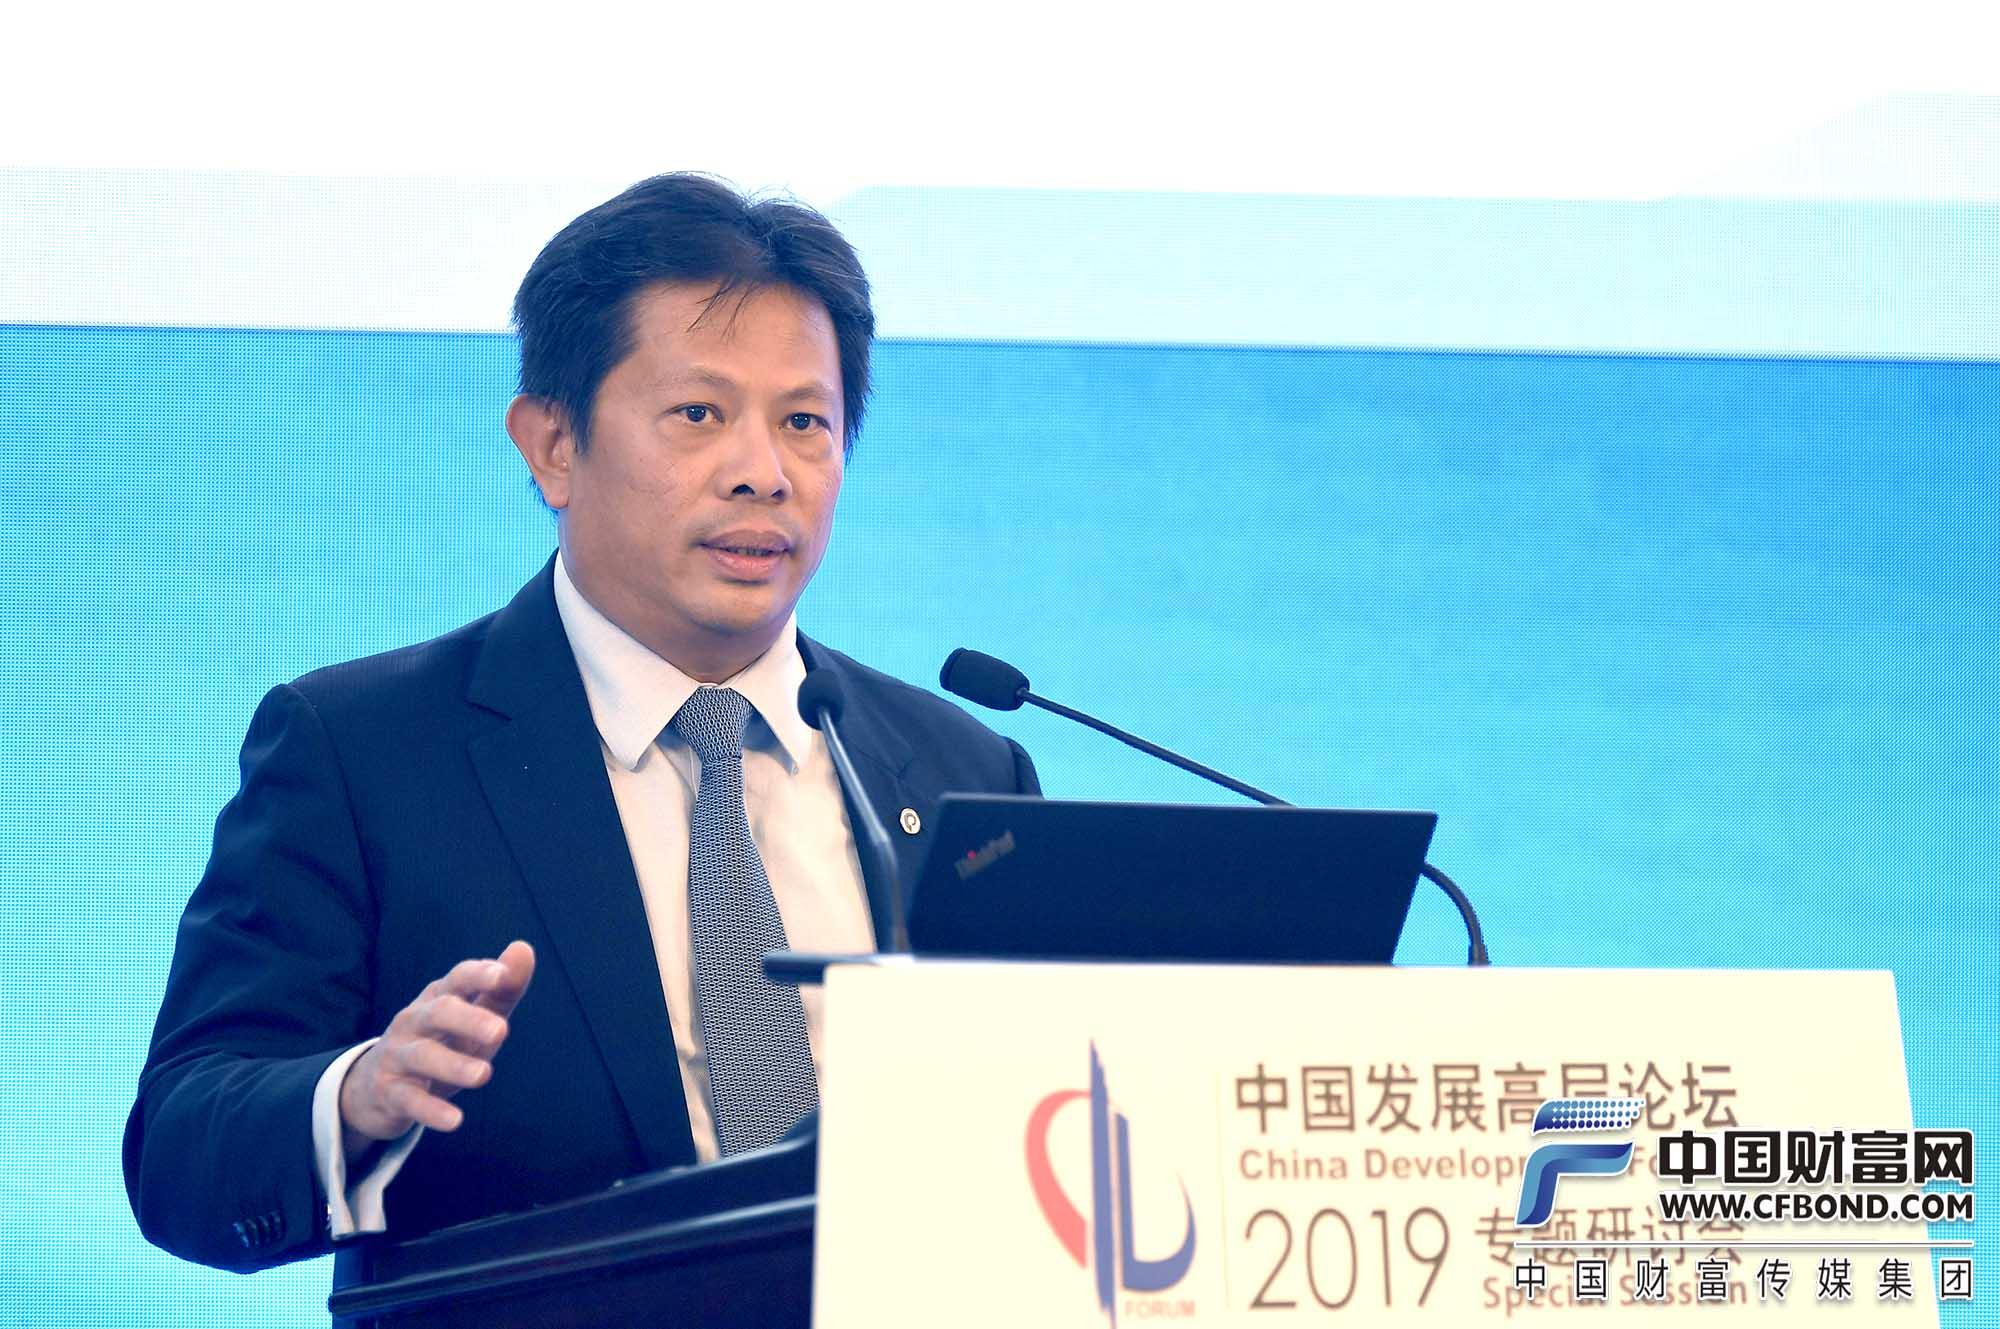 美国信安金融集团亚洲区总裁张维义发言